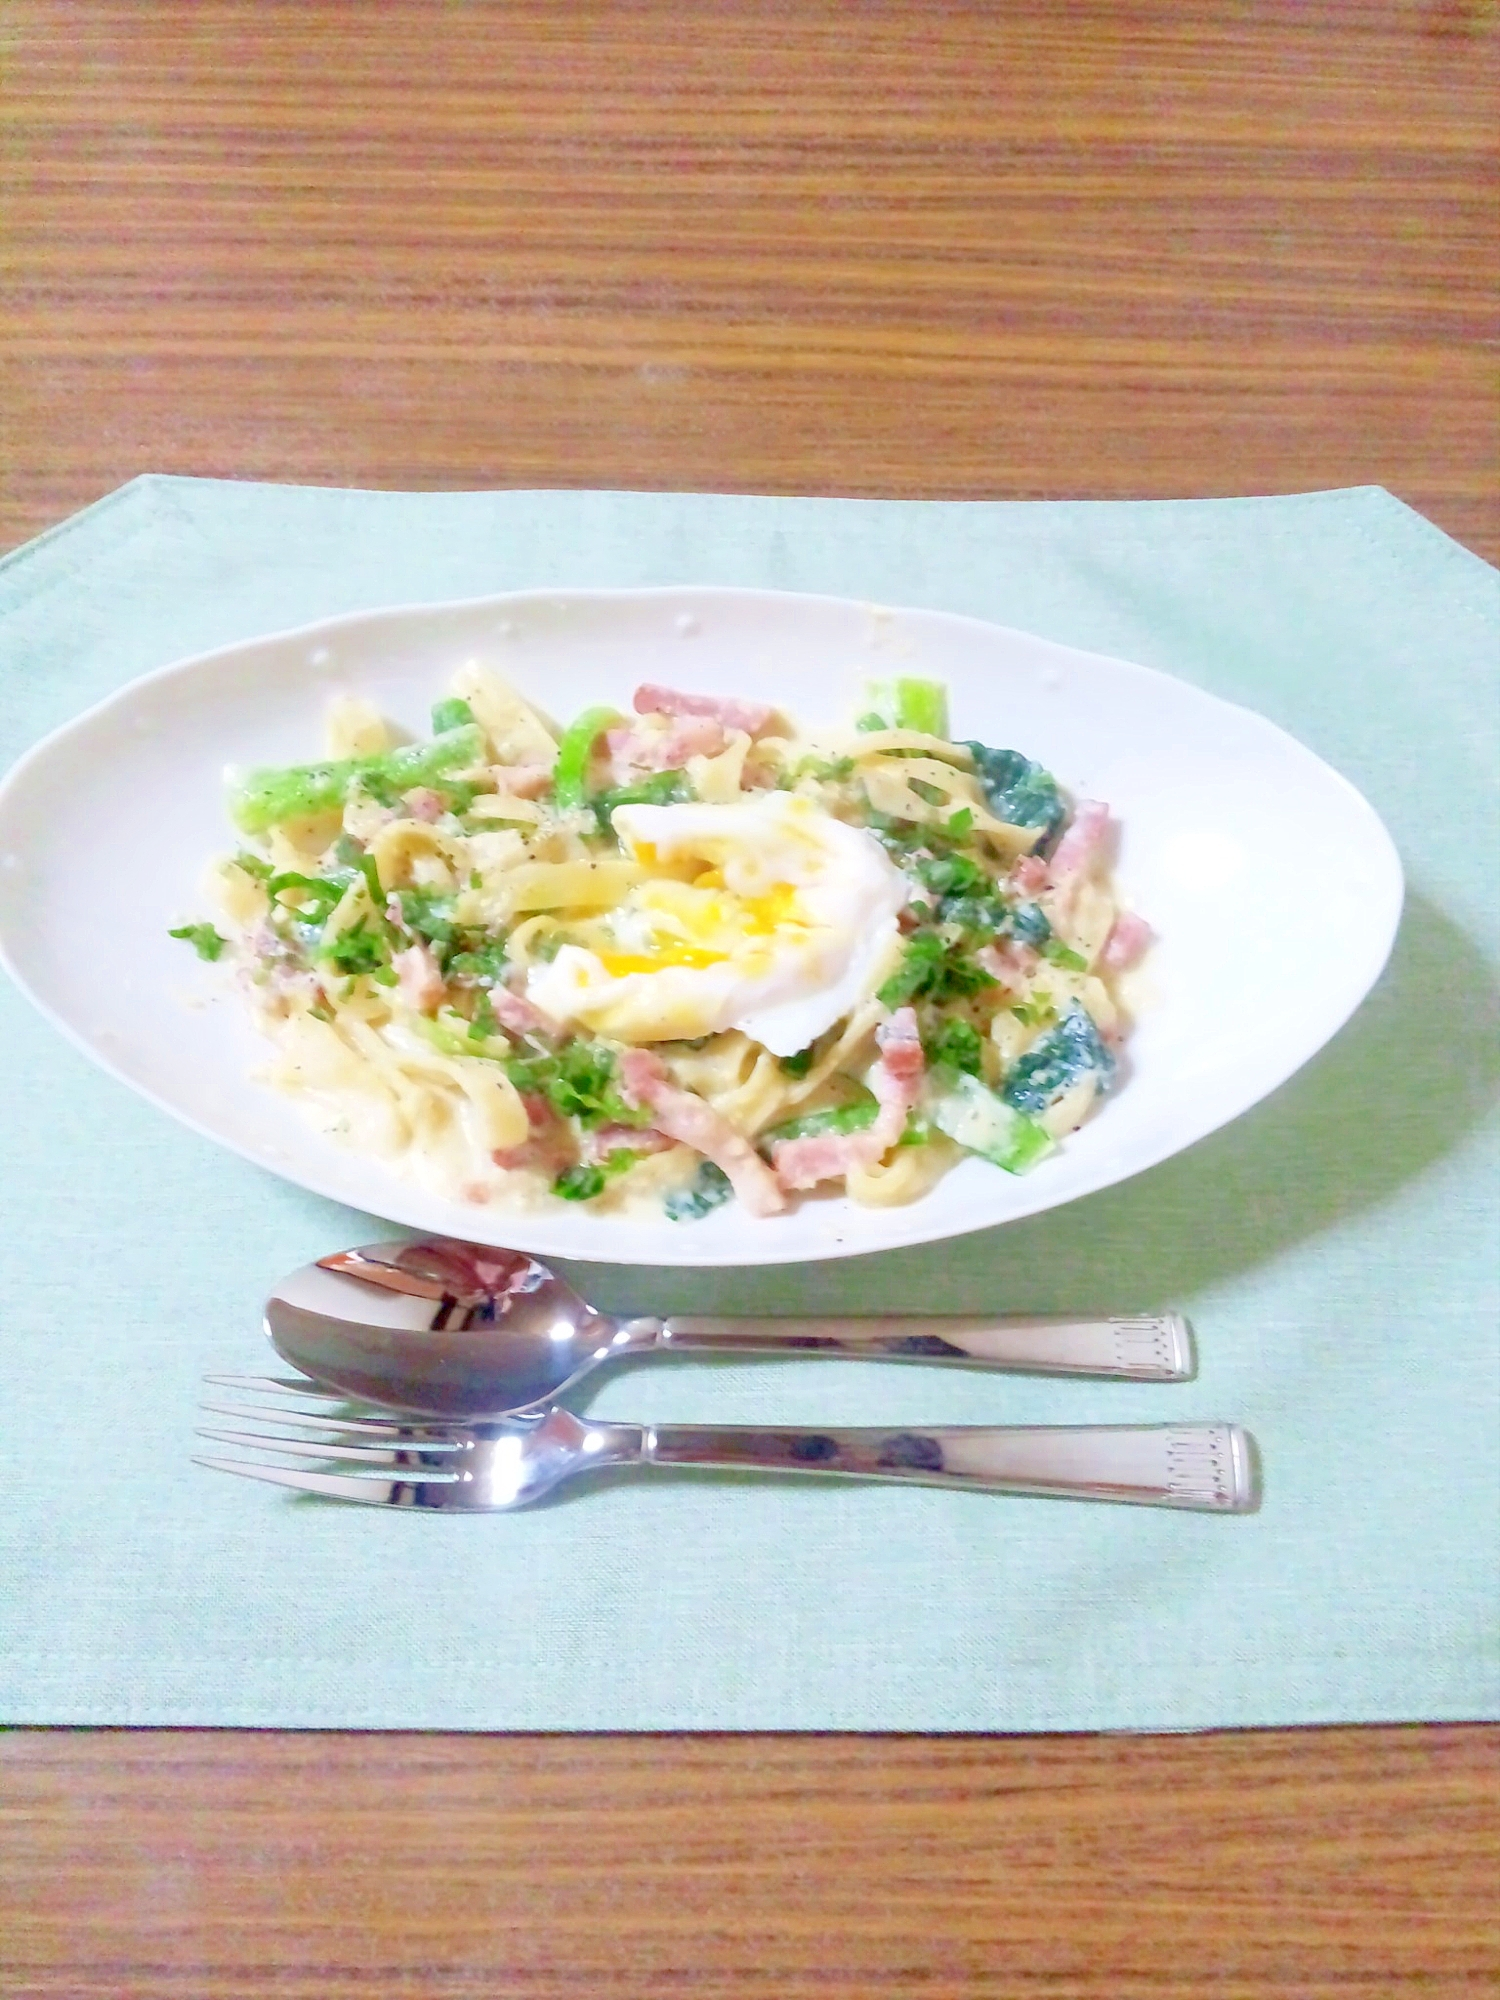 ヨウサマの『タニタ式』ダイエット食カルボナーラ風